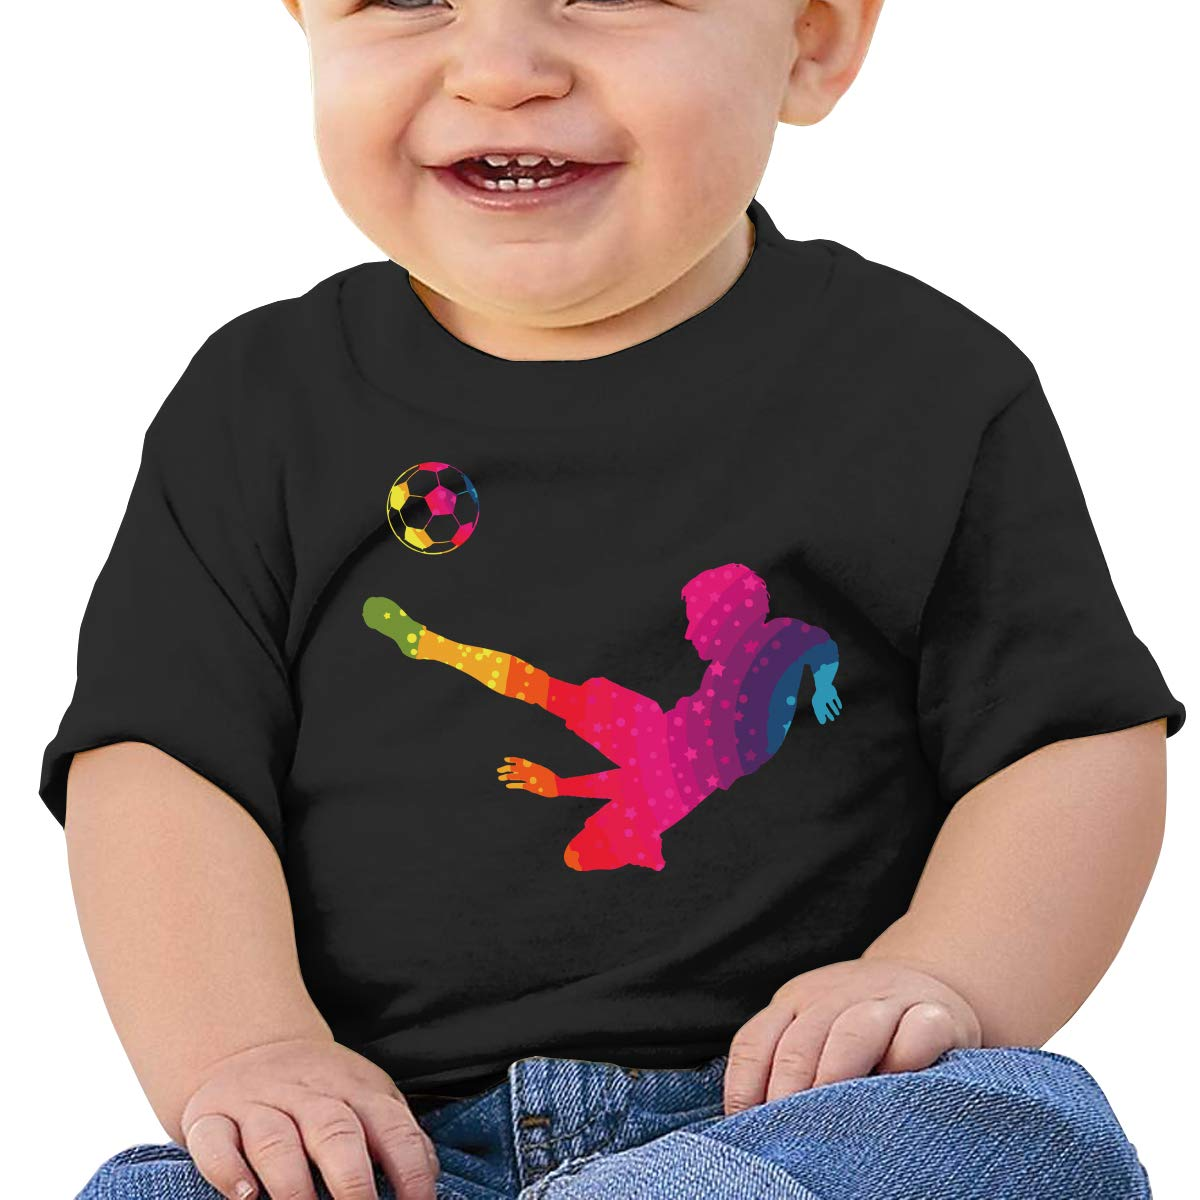 ZUGFGF-S3 Football Player Toddler Baby Newborn Short Sleeve Tee Shirt 6-24 Month Cotton Tops